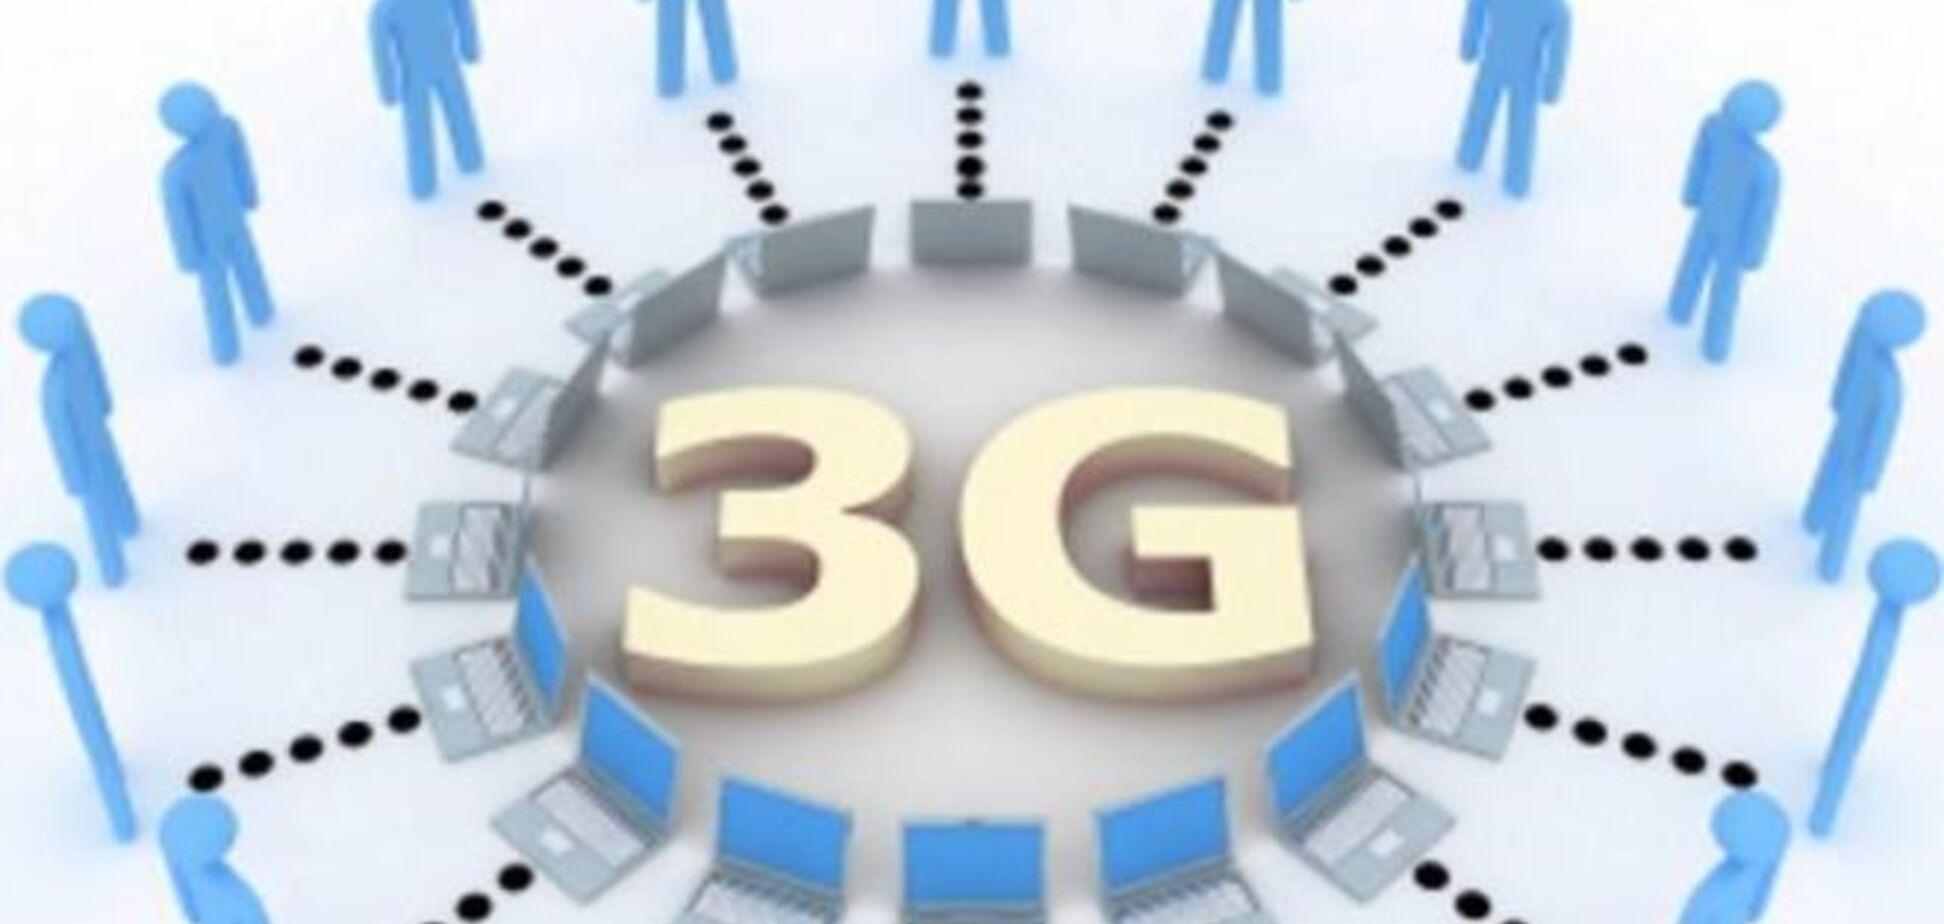 3G в Україні: тарифи операторів і на що вистачатиме трафіку